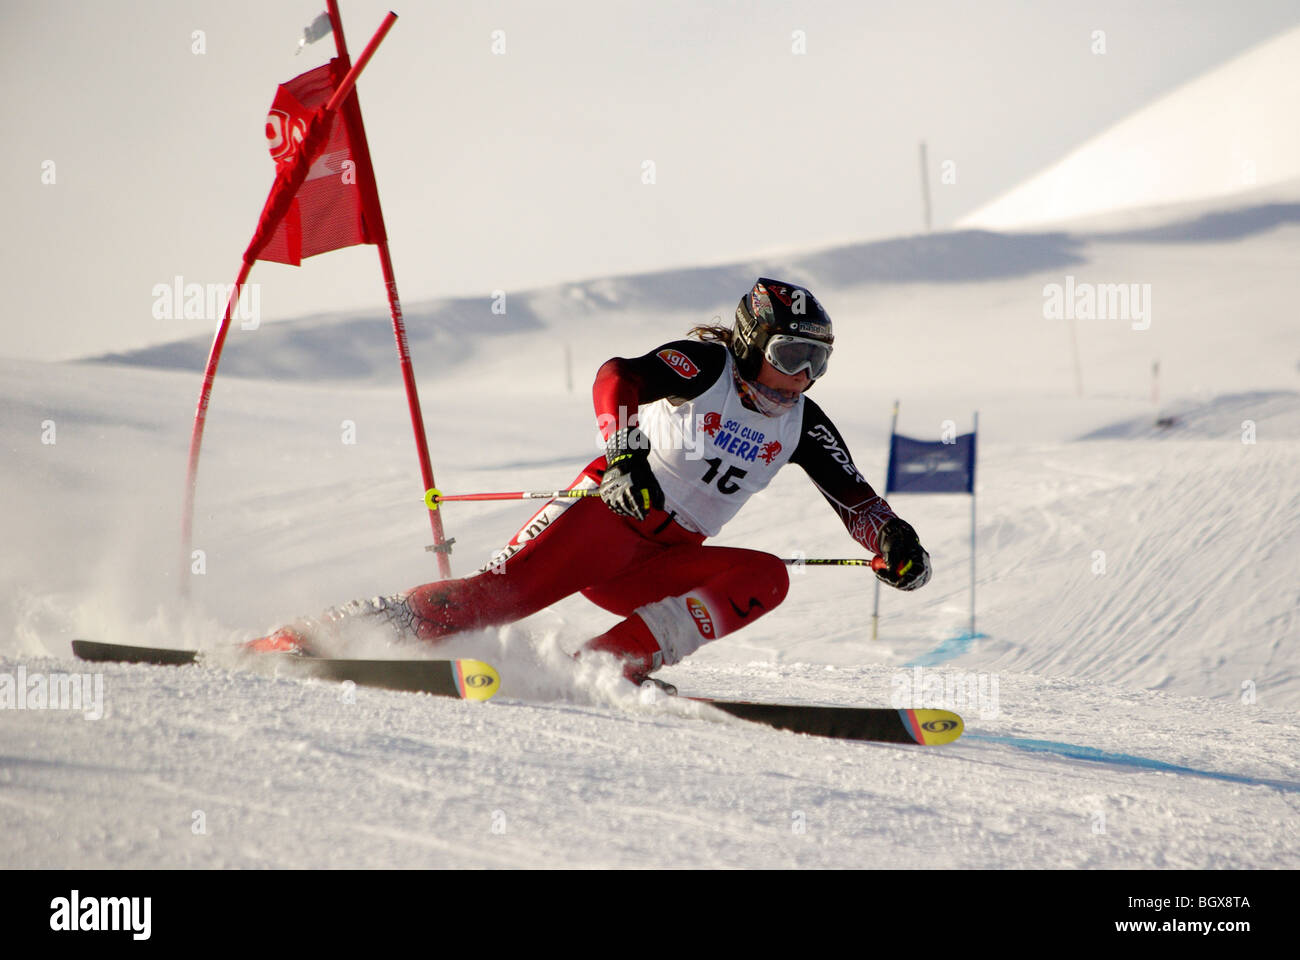 Gara di sci, atleta curva nei pressi del polo Immagini Stock